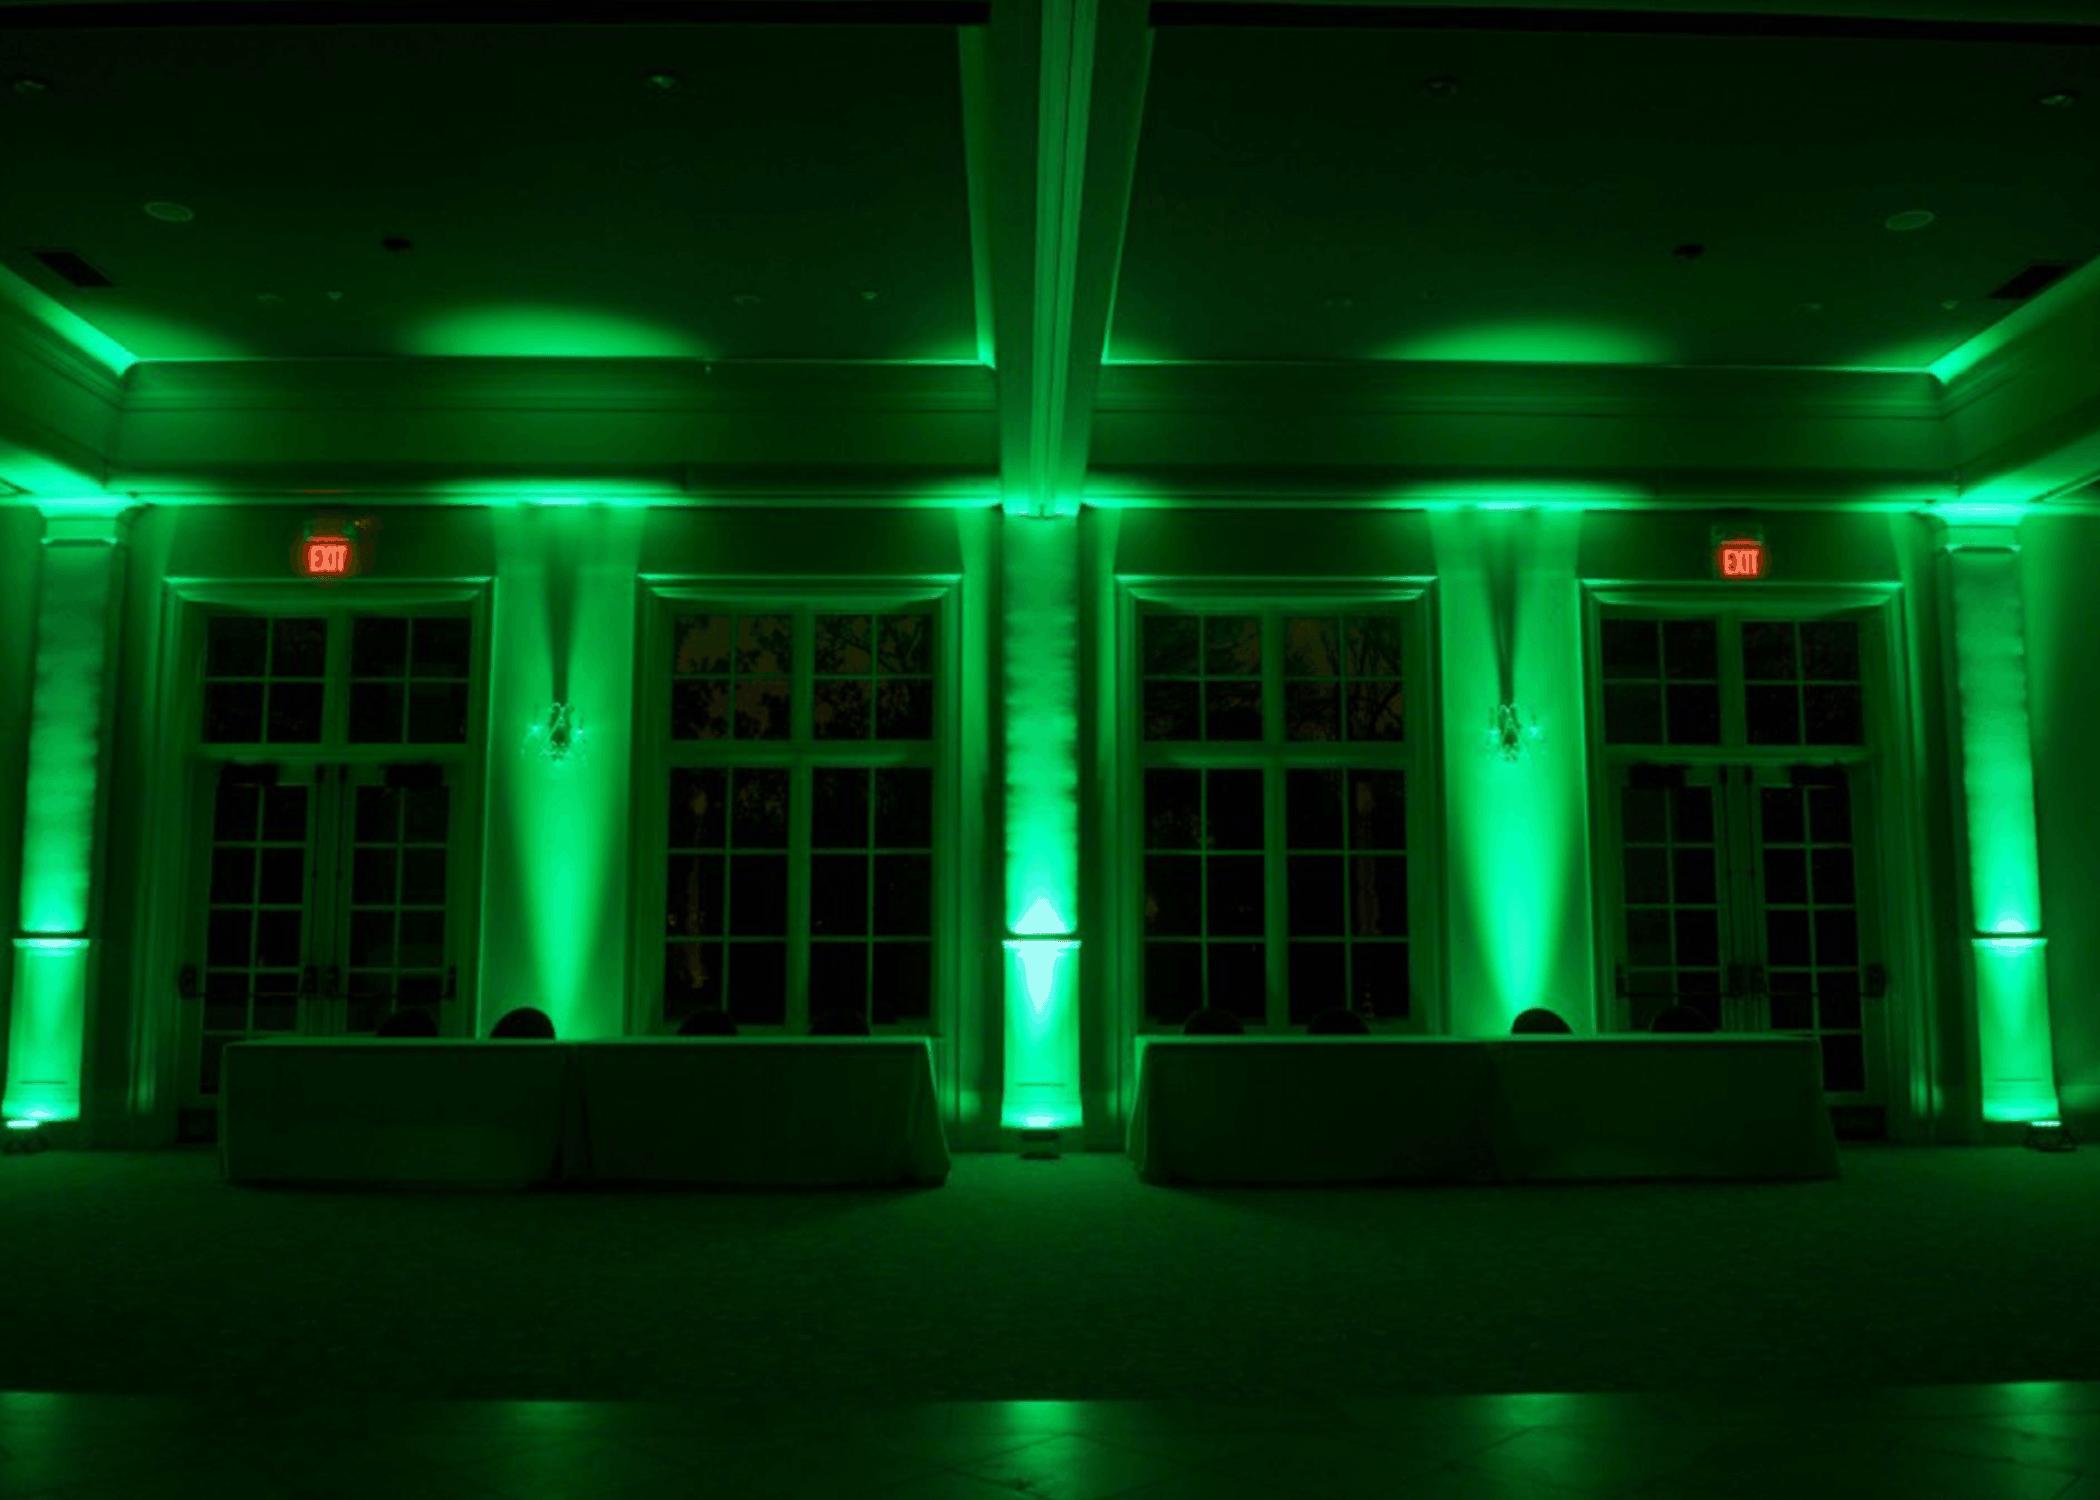 uplights-green